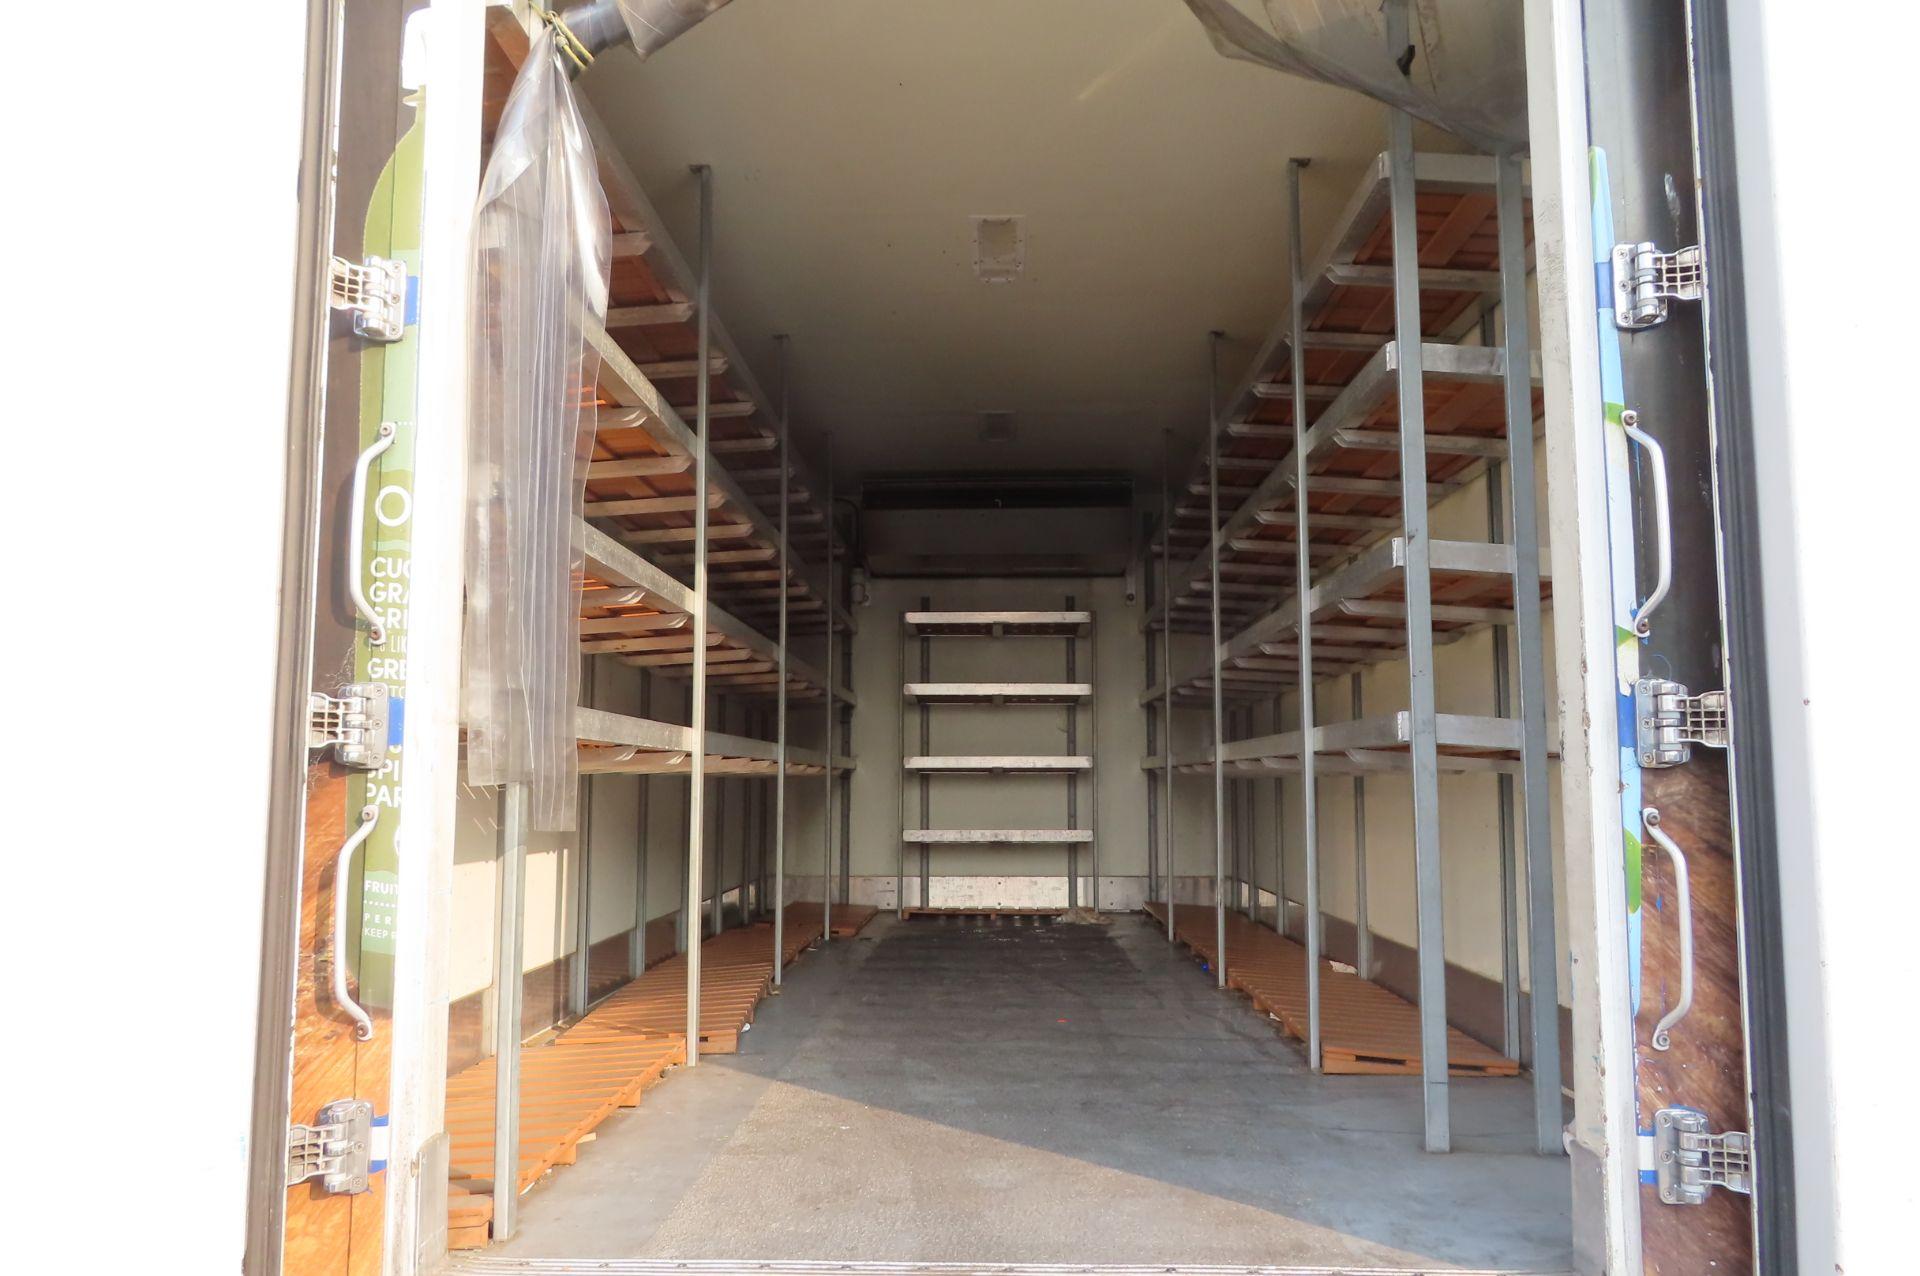 2013 Isuzu refrigerated truck - Image 6 of 10